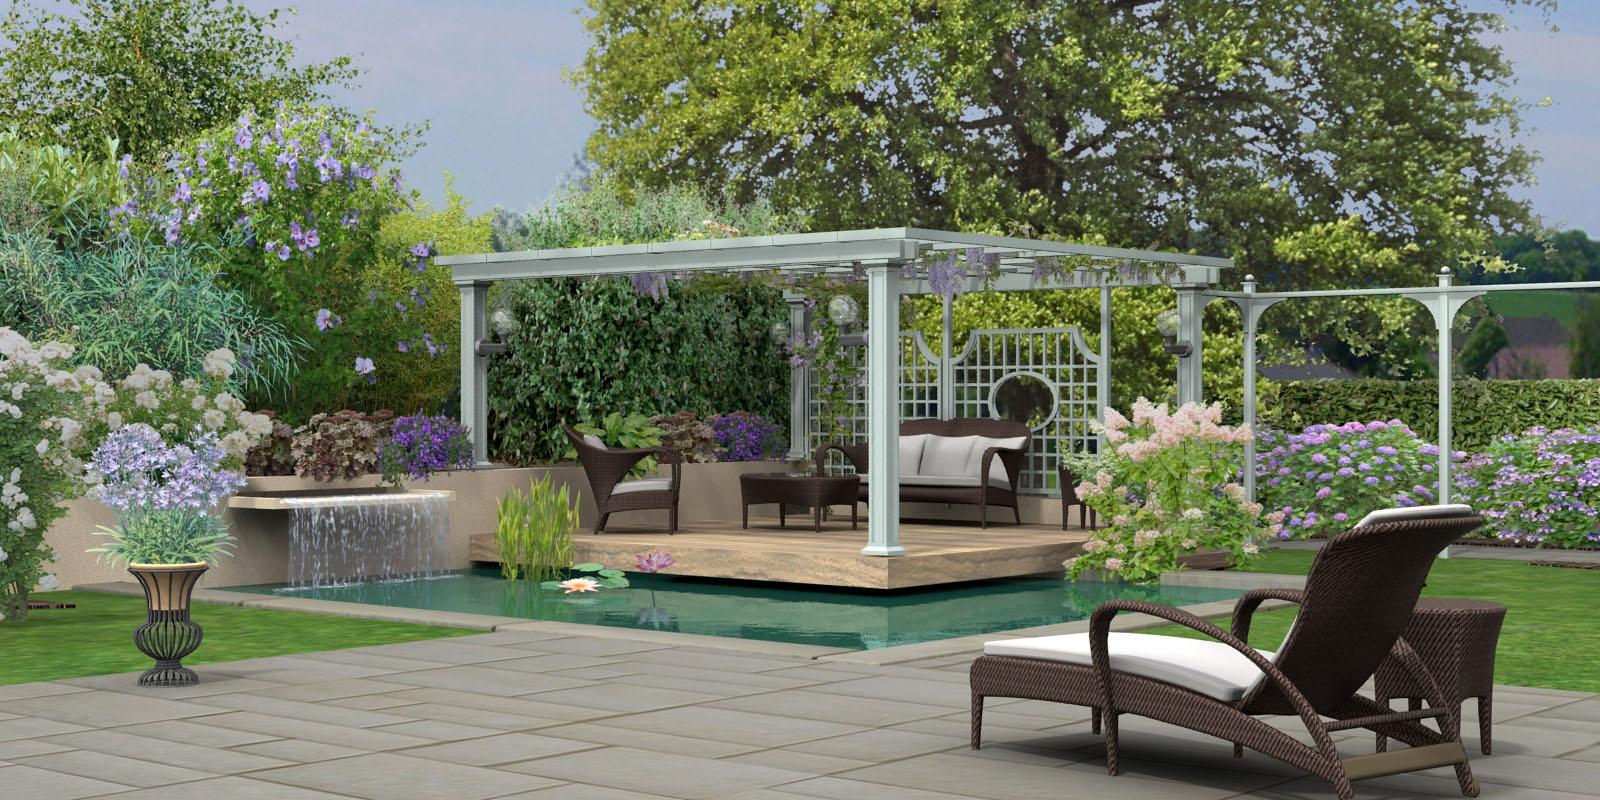 Hortus3D Création De Plans De Jardin 3D En Réalité Virtuelle intérieur Logiciel Creation Jardin